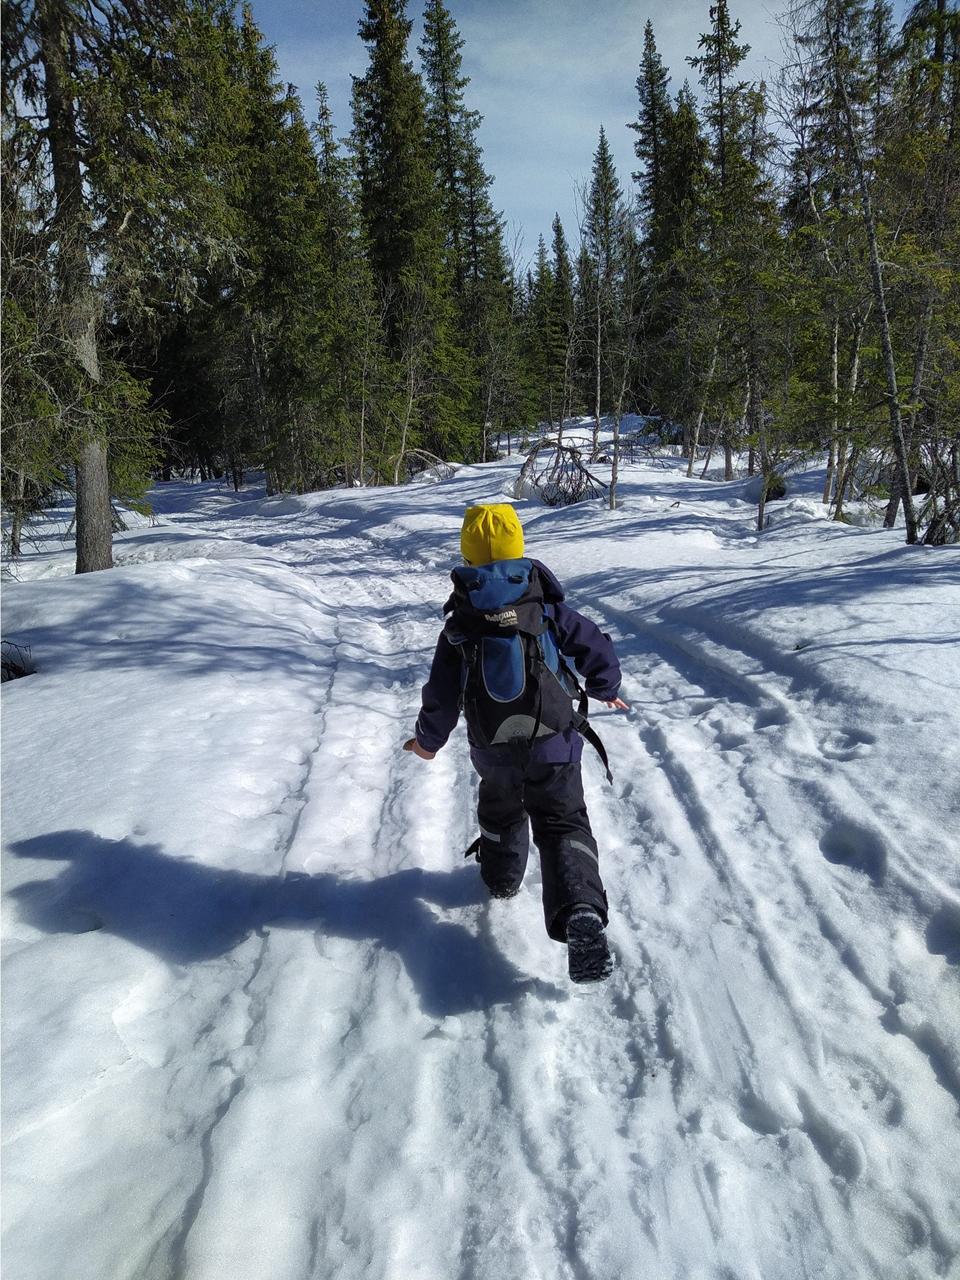 påske - snø - 4-åring - Gropmarka - Innlandet fylke